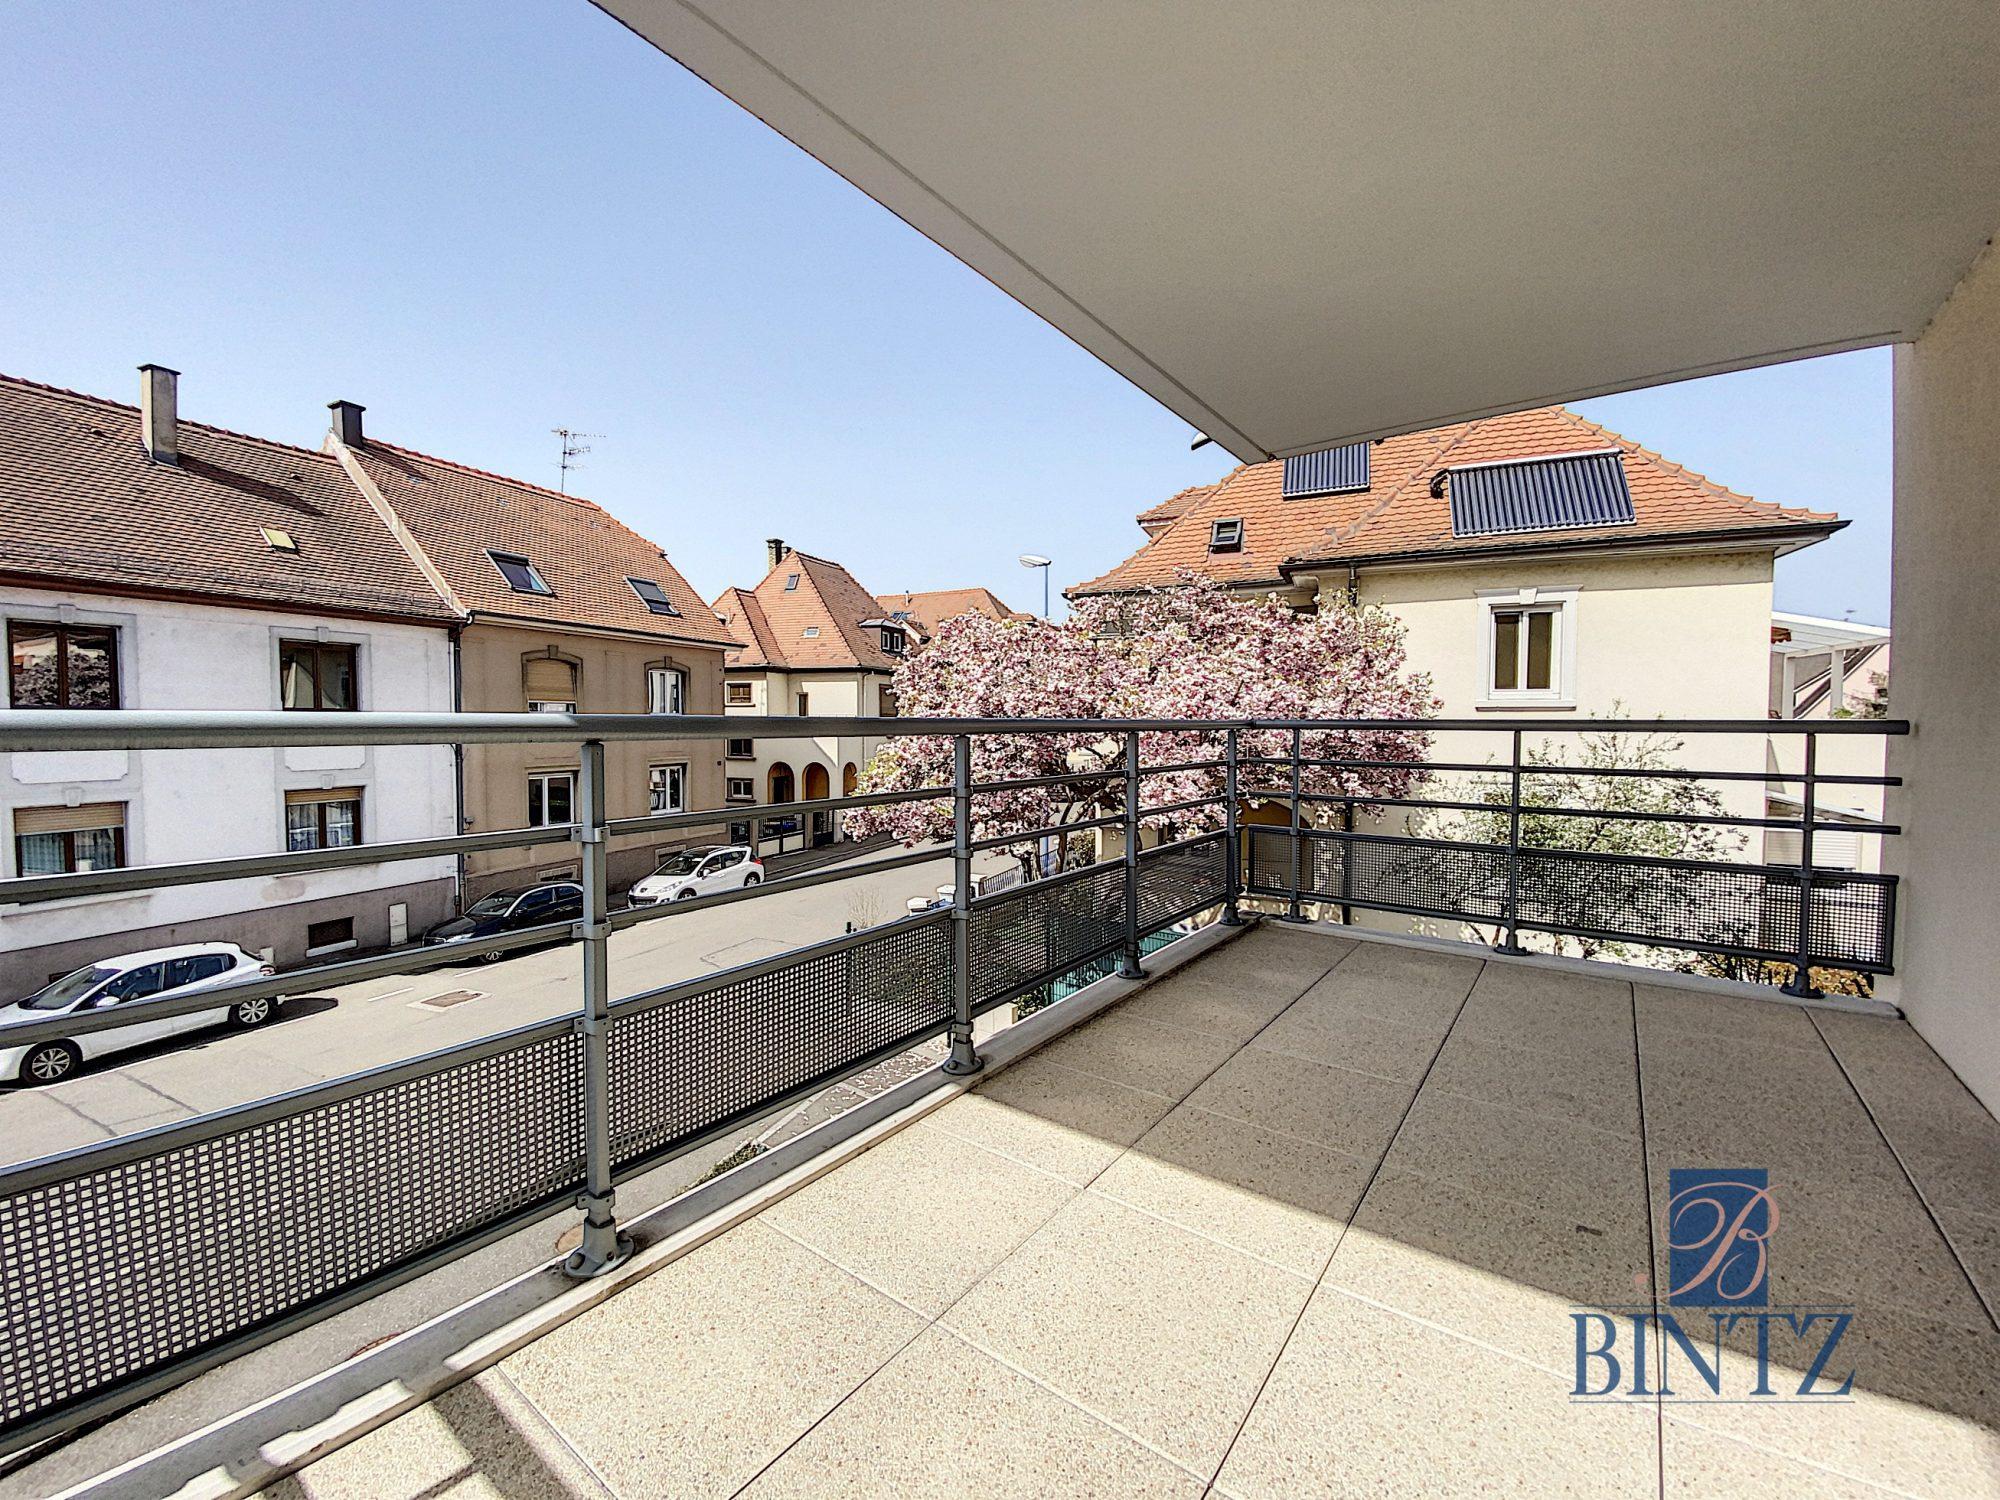 3 pièces neuf avec terrasse Schiltigheim - Devenez propriétaire en toute confiance - Bintz Immobilier - 5